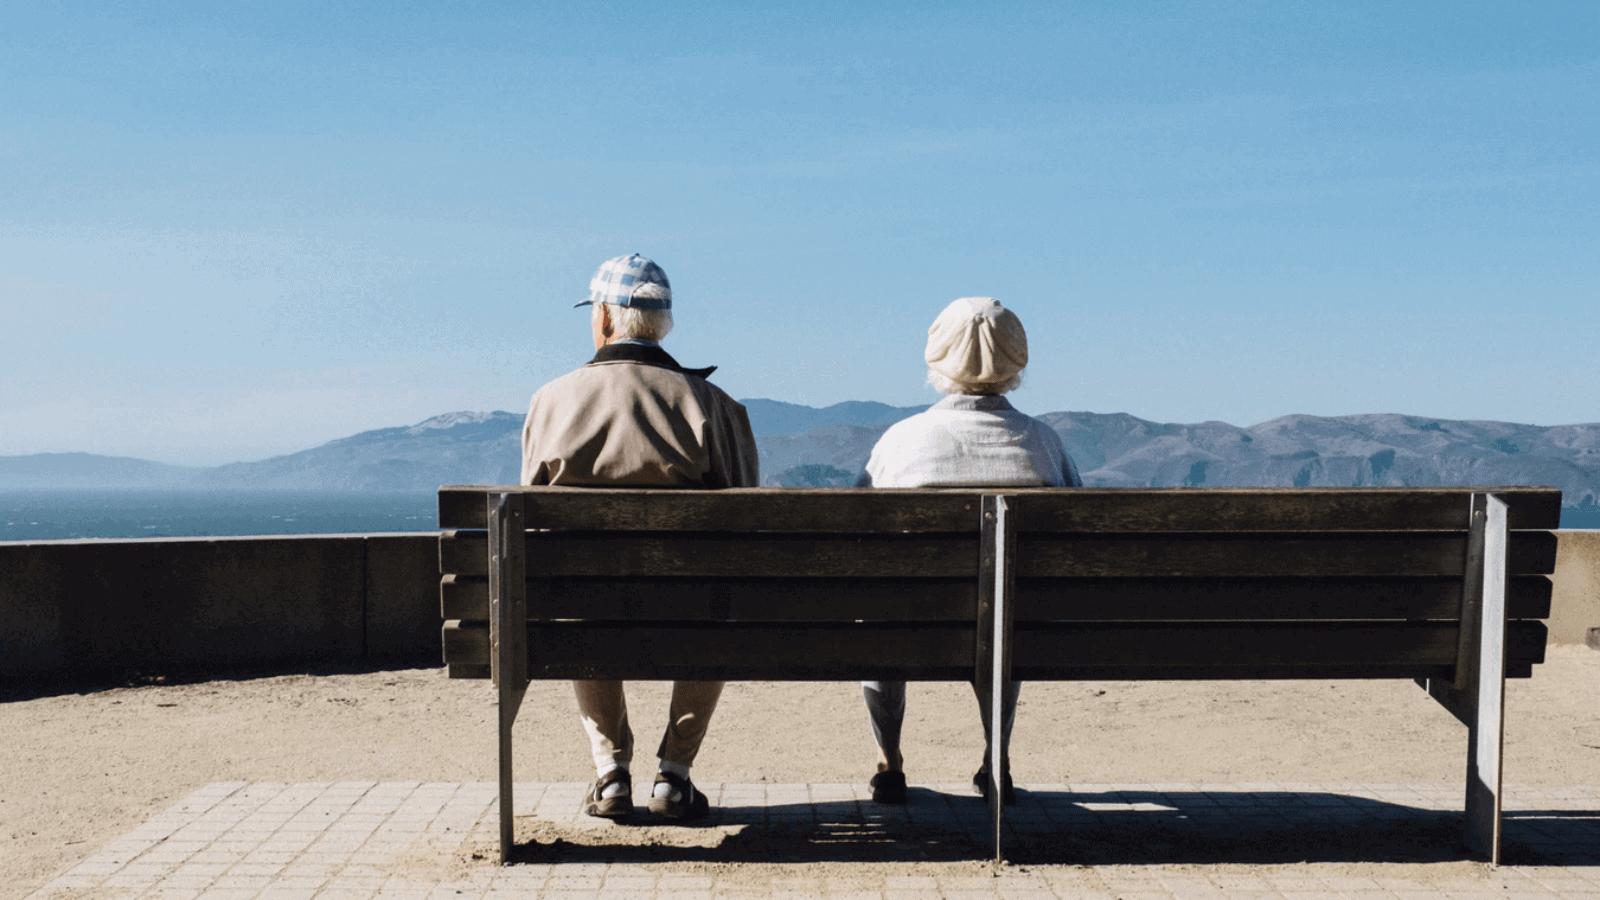 Estos 13 destinos han sido elegidos como los mejores del mundo para jubilarse en 2020, según Live and Invest Overseas